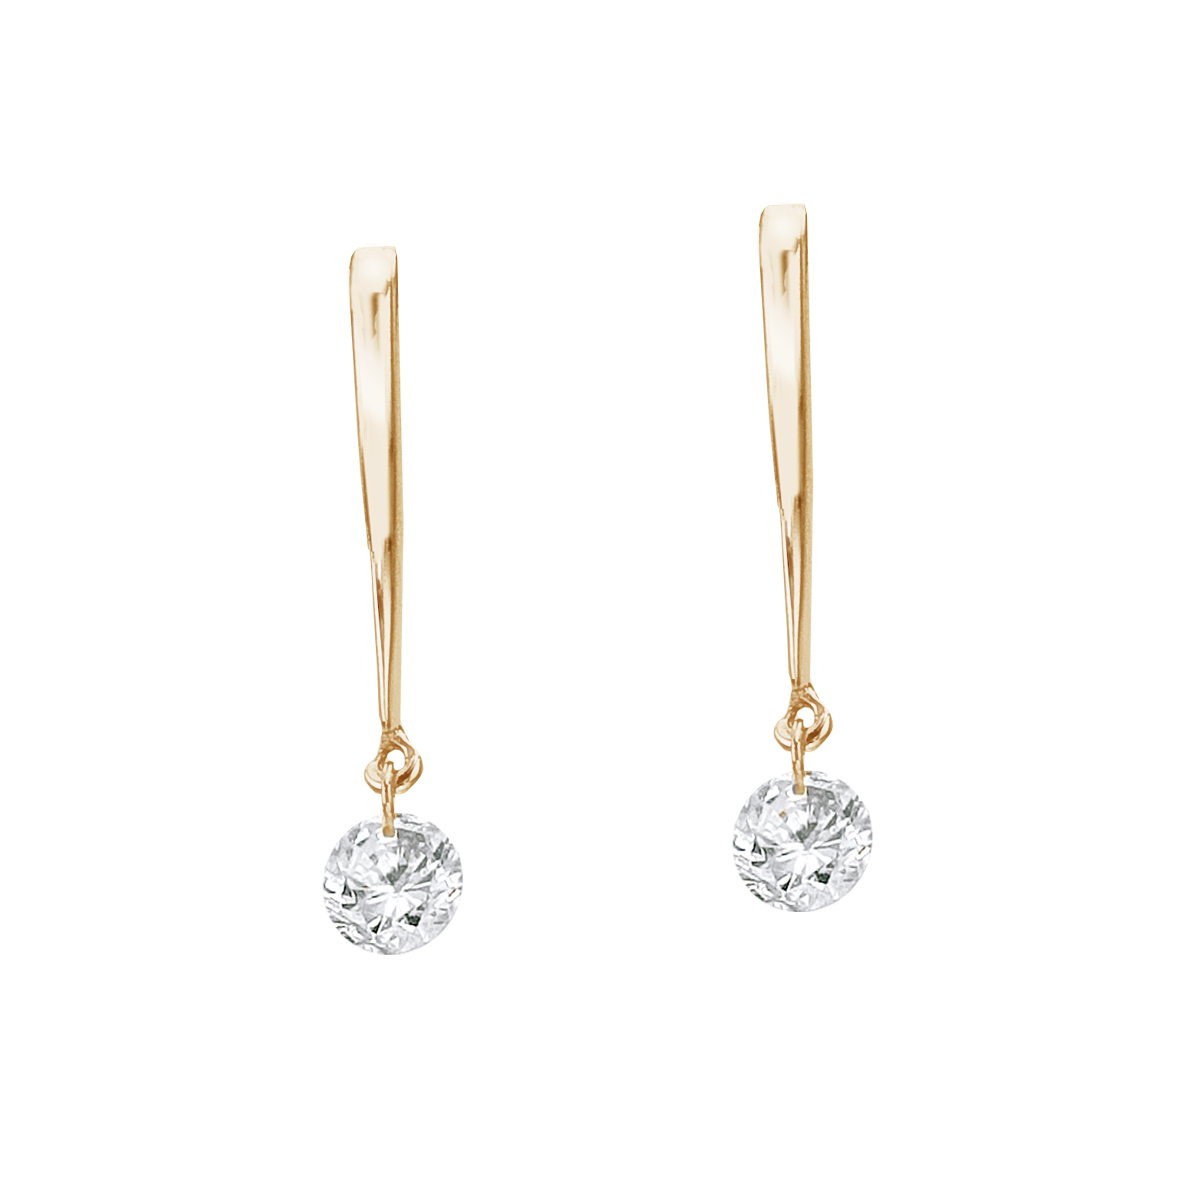 14K Yellow Gold .16 ct Dashing Diamonds Earrings